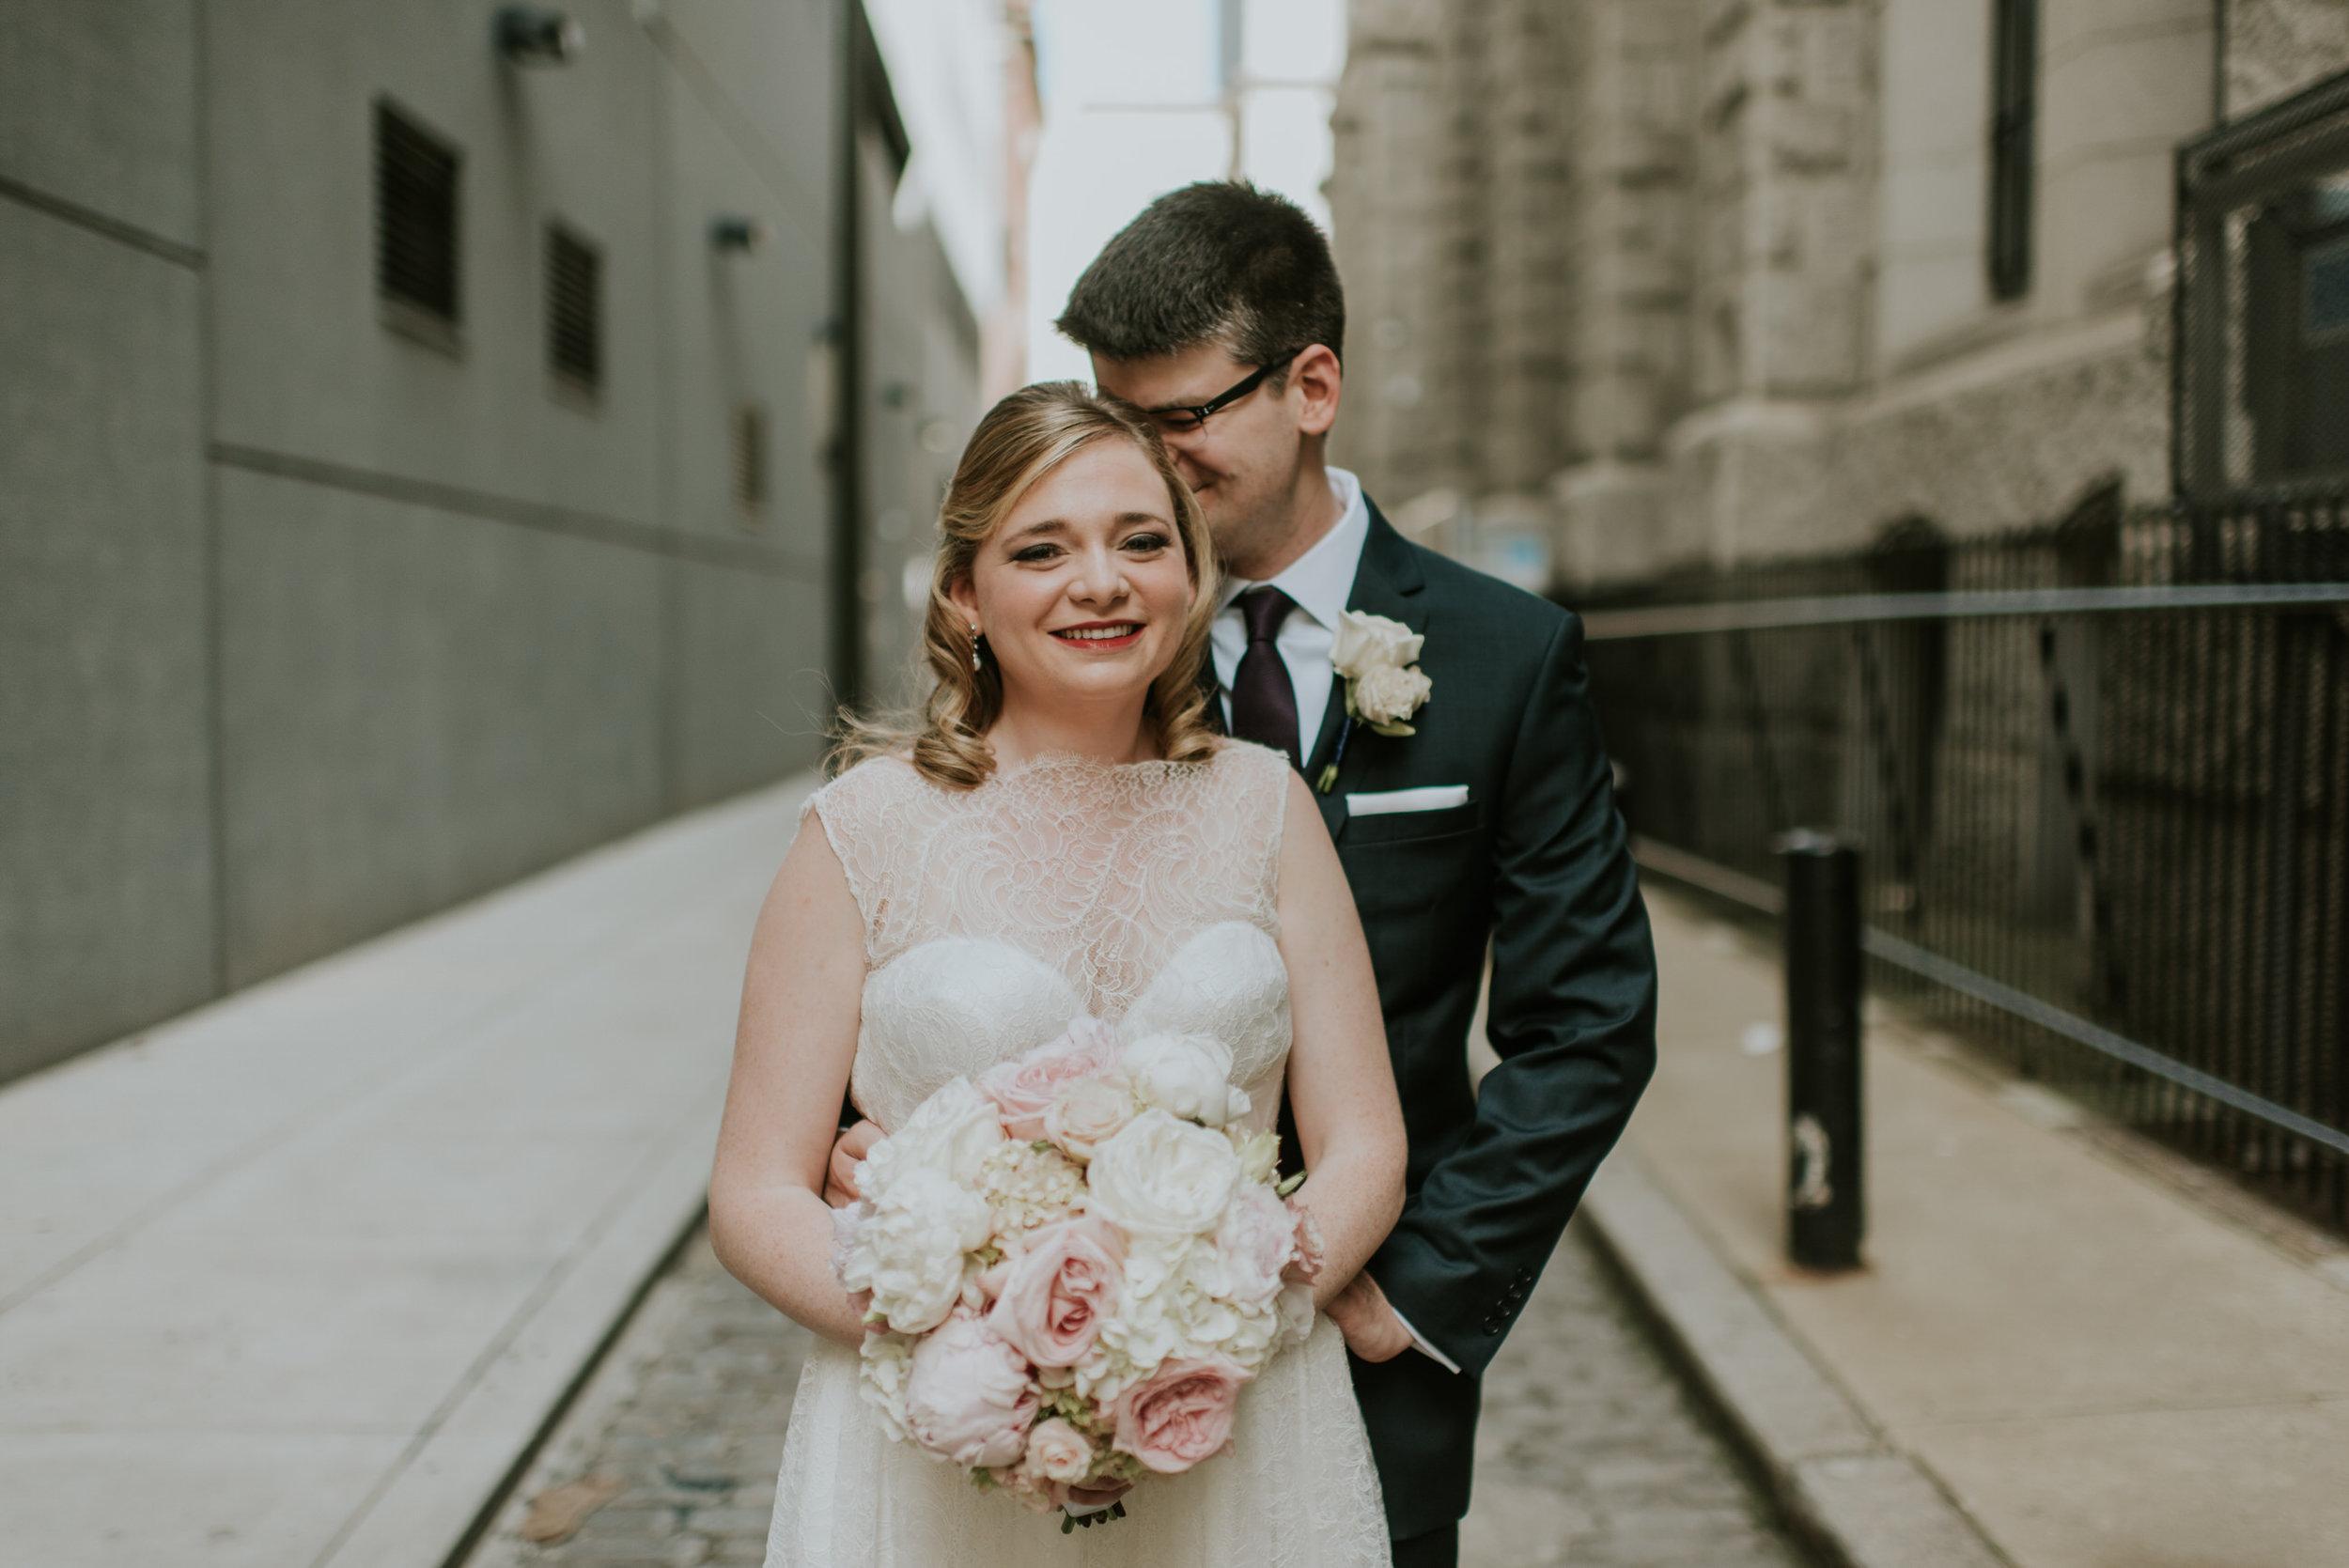 Erica & Dan